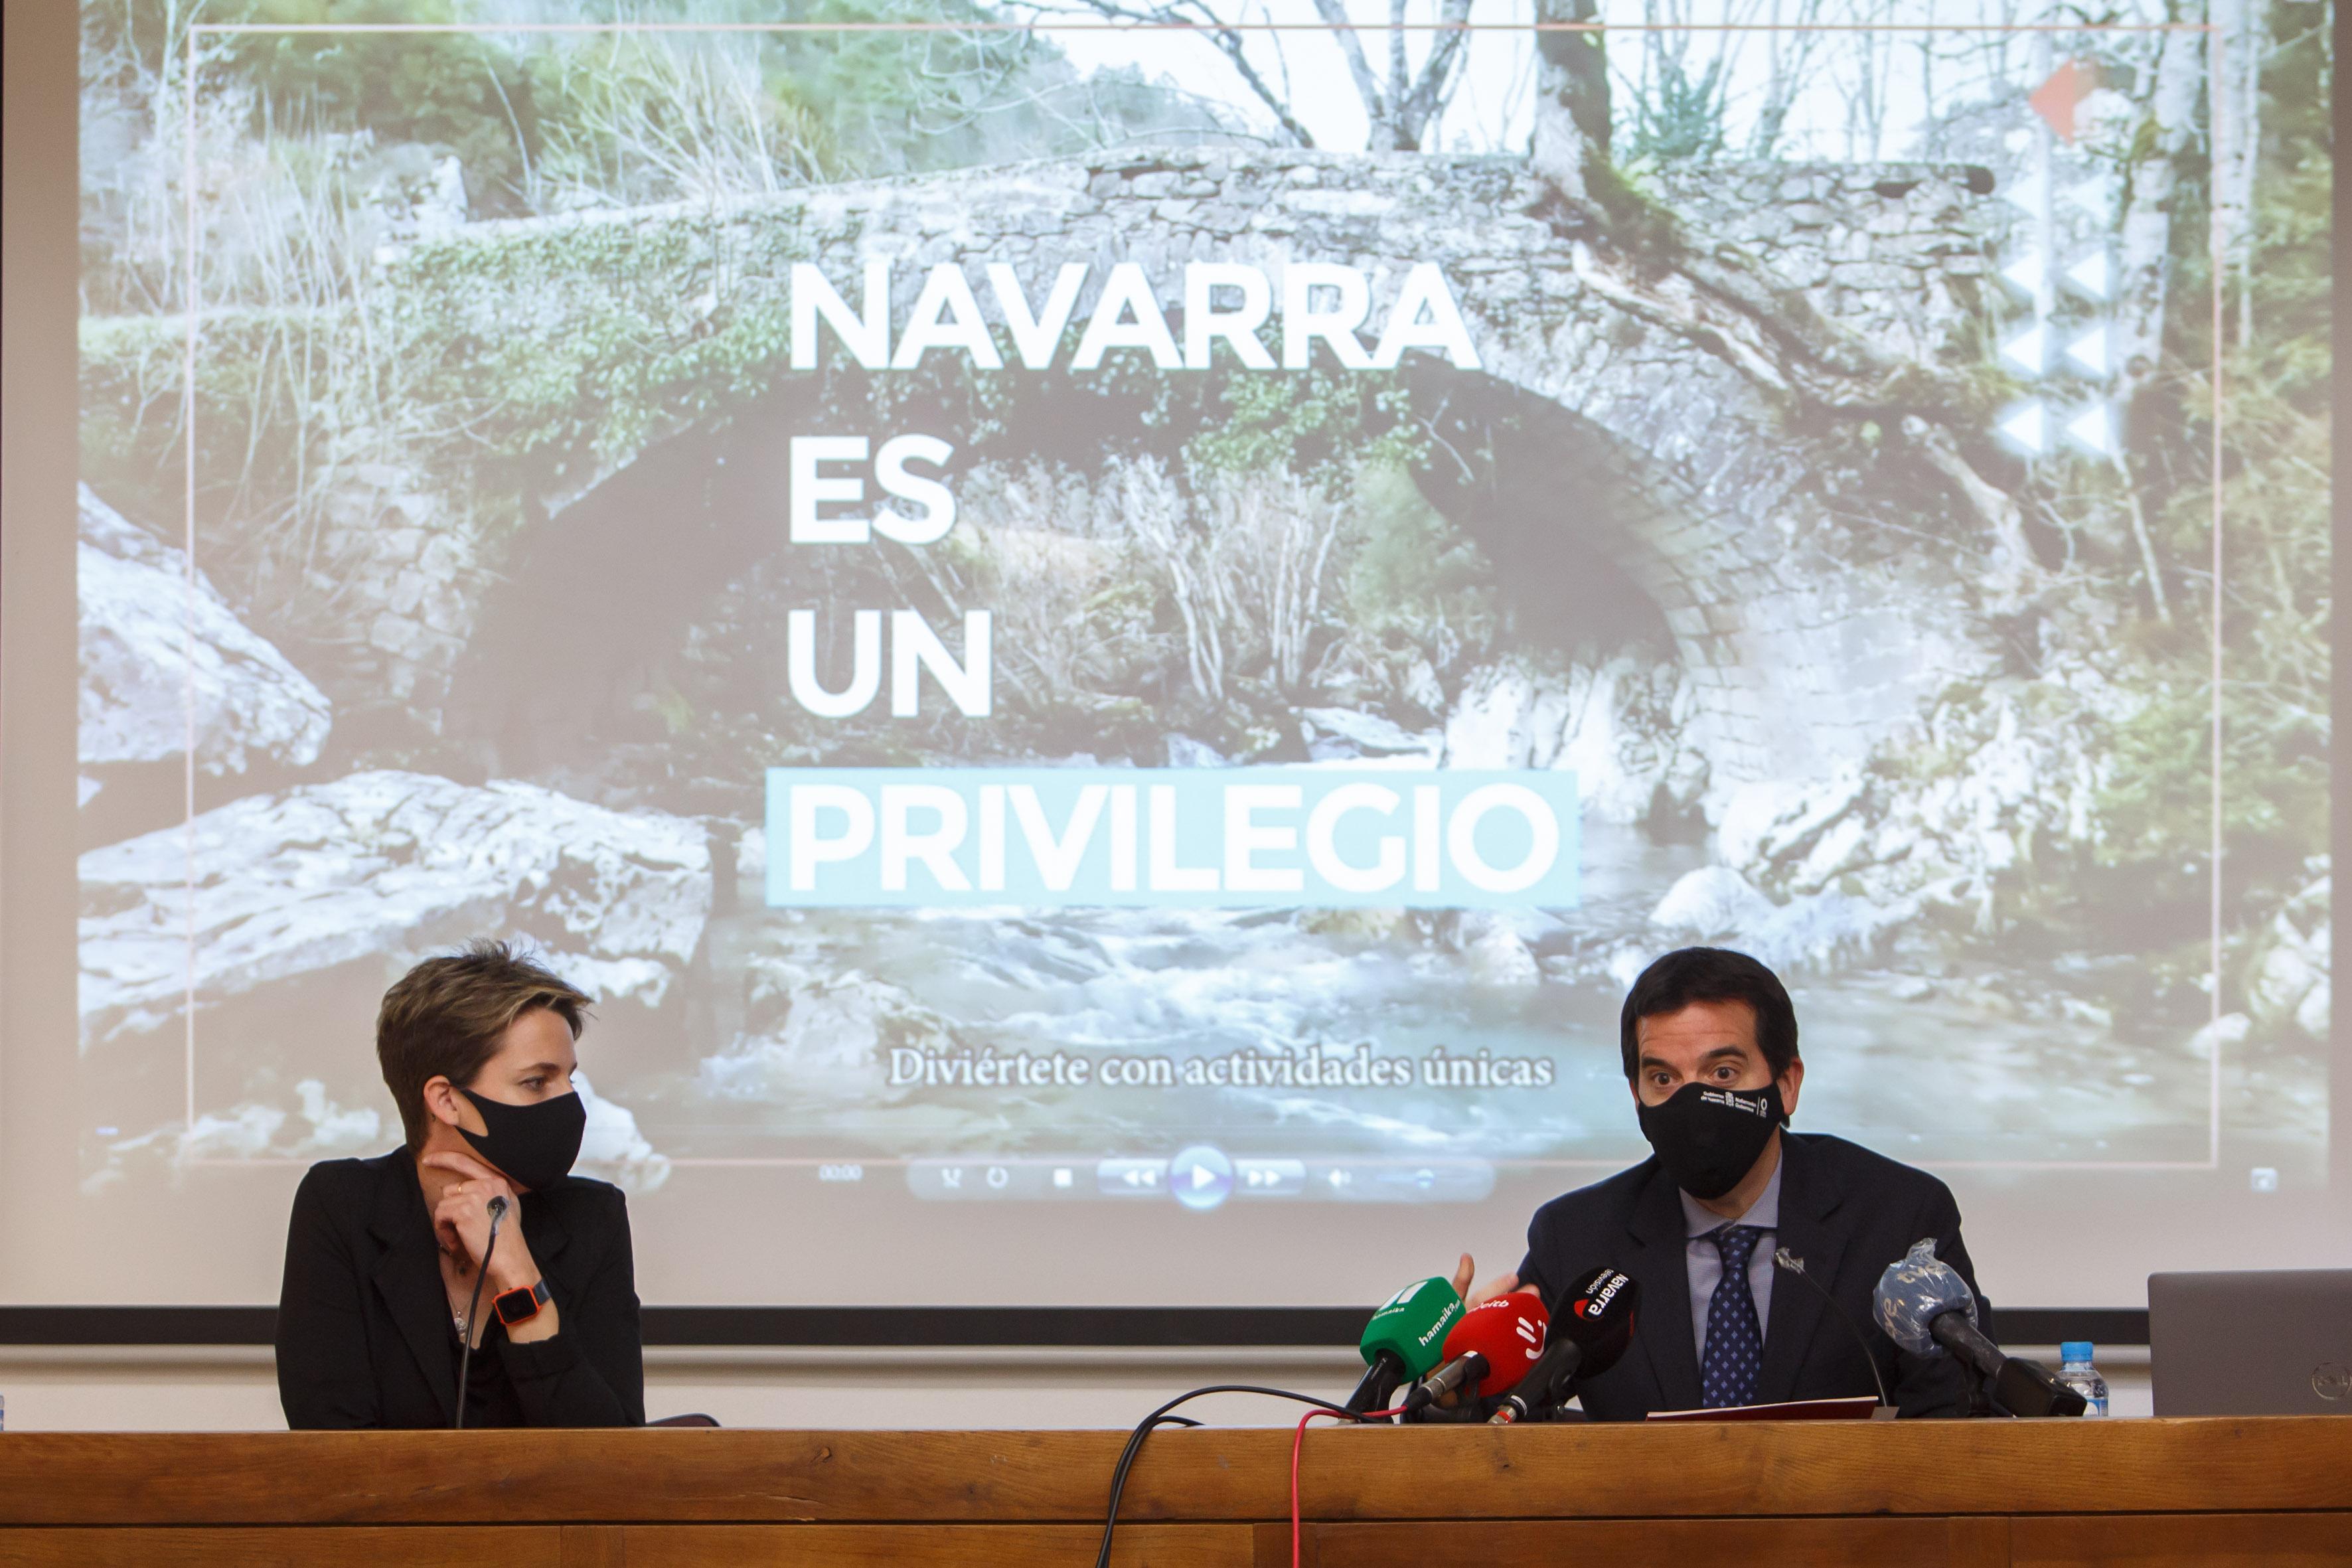 El consejero de Desarrollo Económico y Empresarial, Mikel Irujo, y la alcaldesa de Sangüesa / Zangoza, Lucía Echegoyen, en la presentación de la campaña.